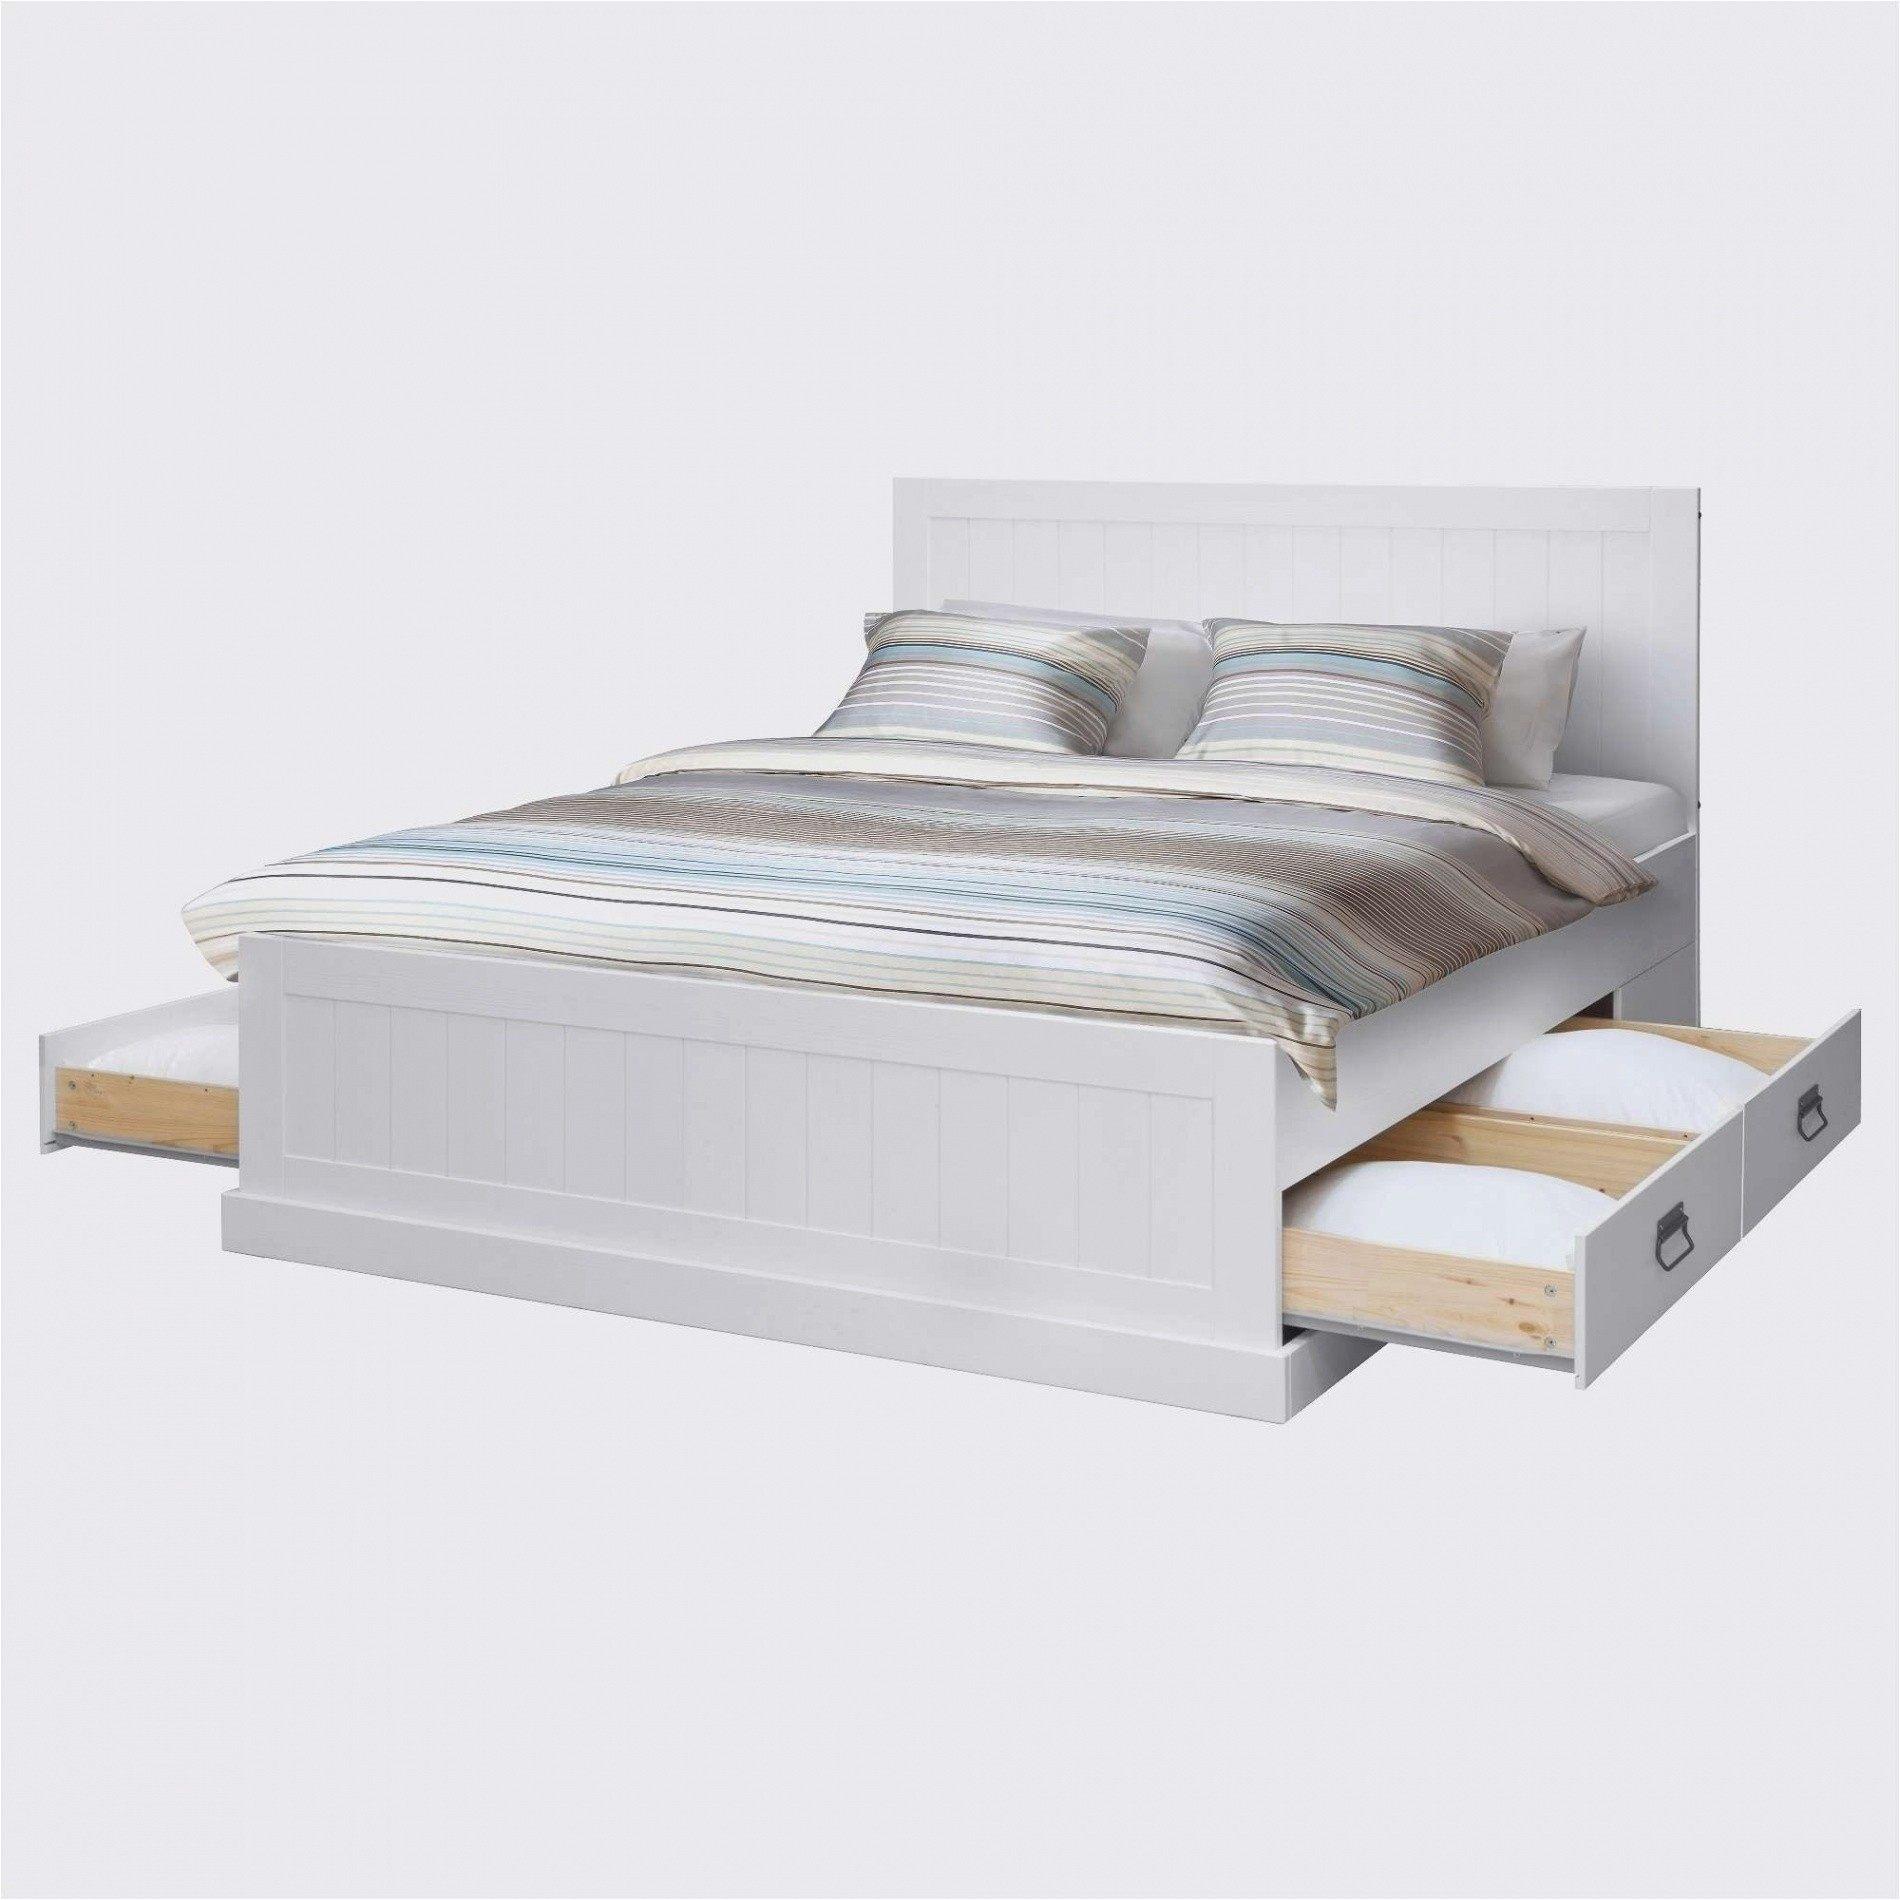 Lit Coffre 140×190 but Inspiré Lit Coffre but Impressionnant sove Lit Coffre 140×190 Blanc